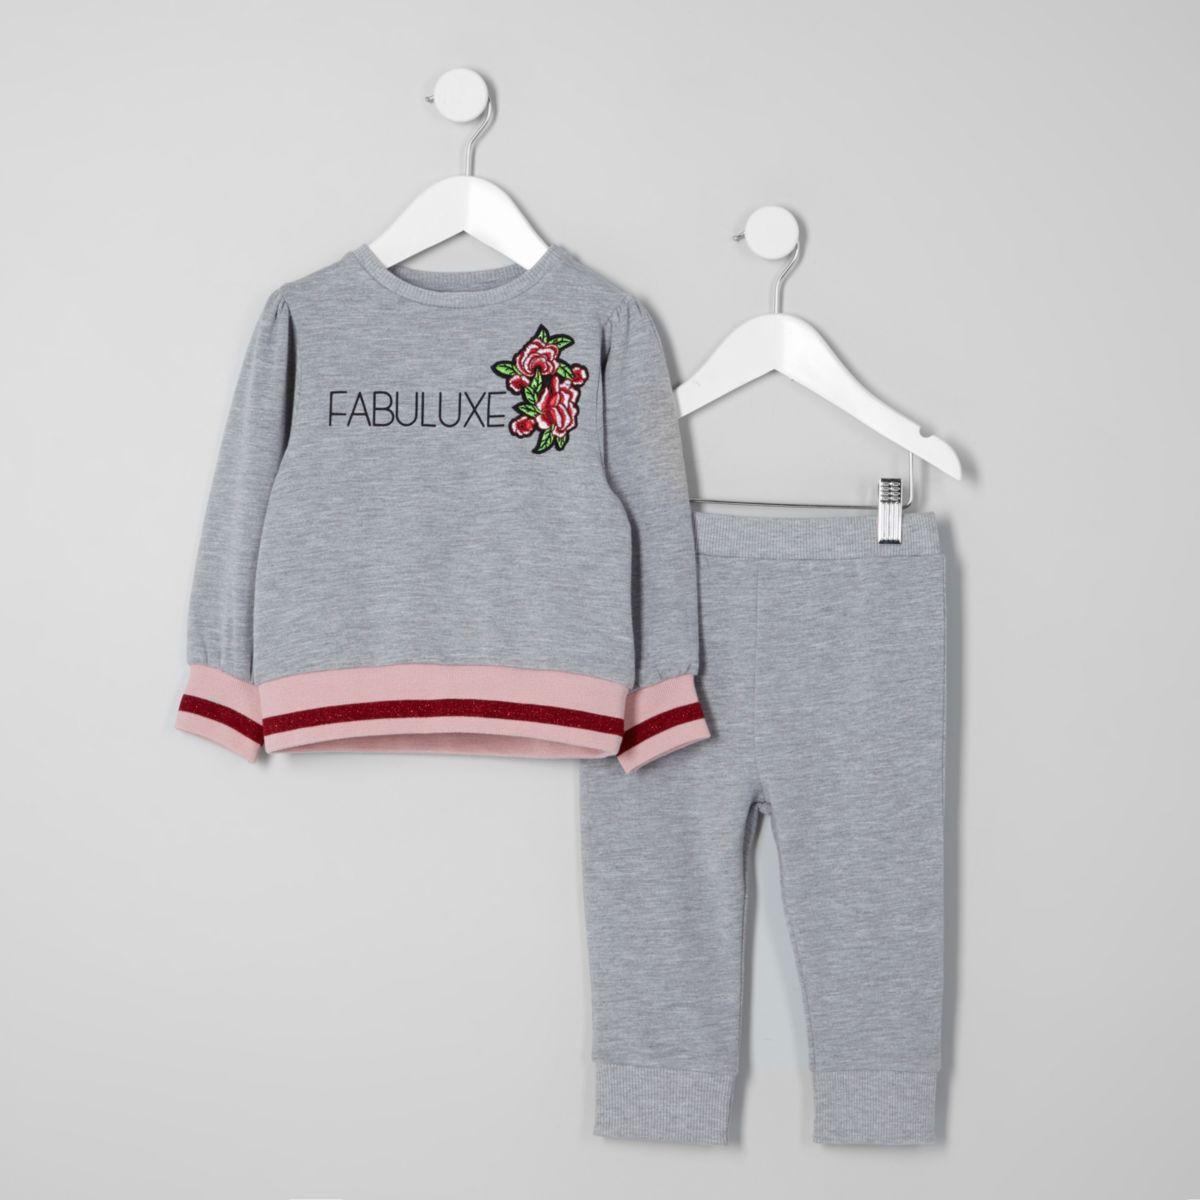 Mini girls grey 'fabuluxe' sweatshirt outfit